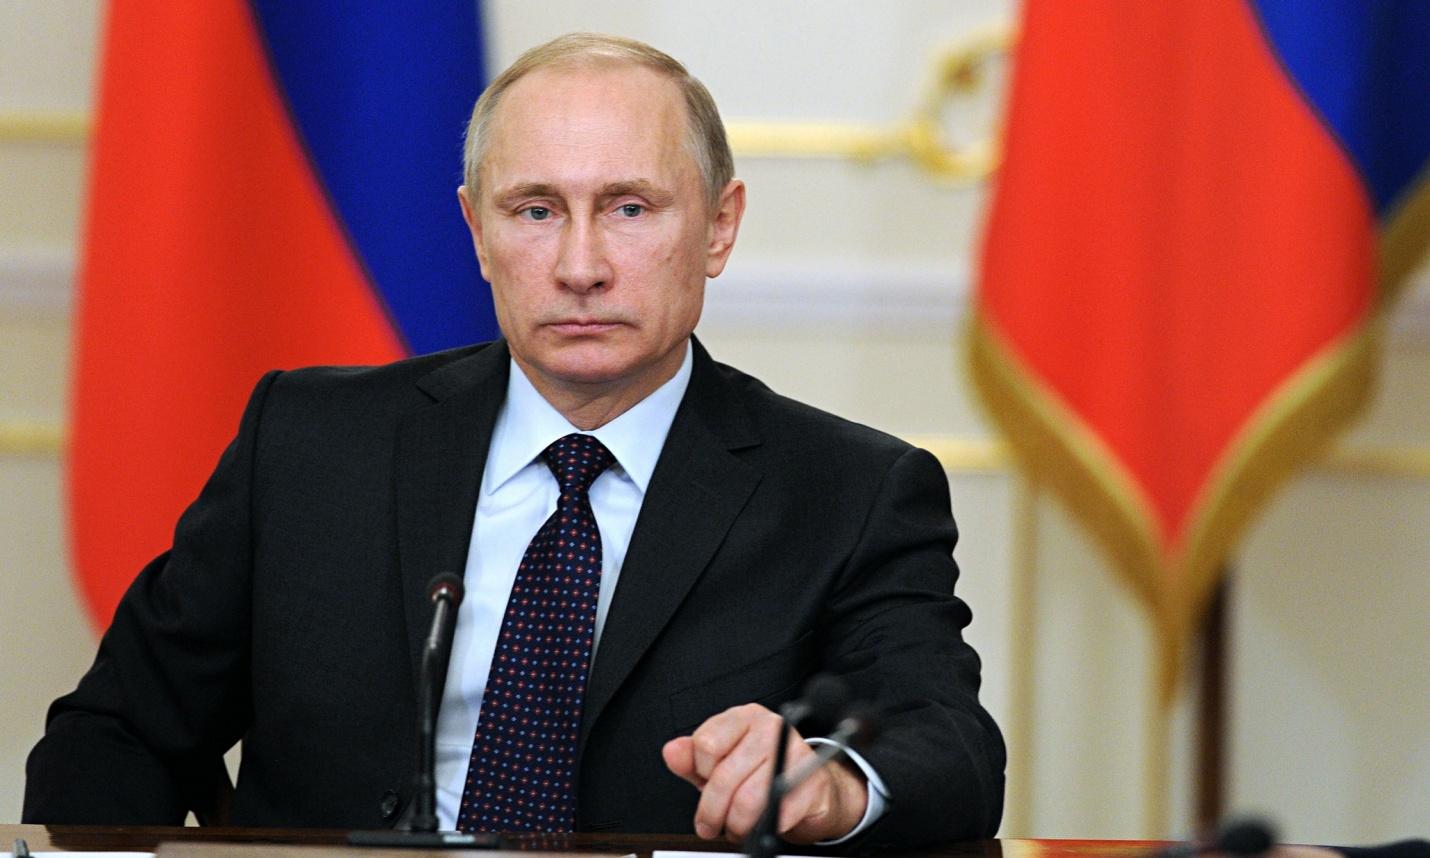 Впредвыборной гонке вСША РФ используют для запугивания обывателей— Путин